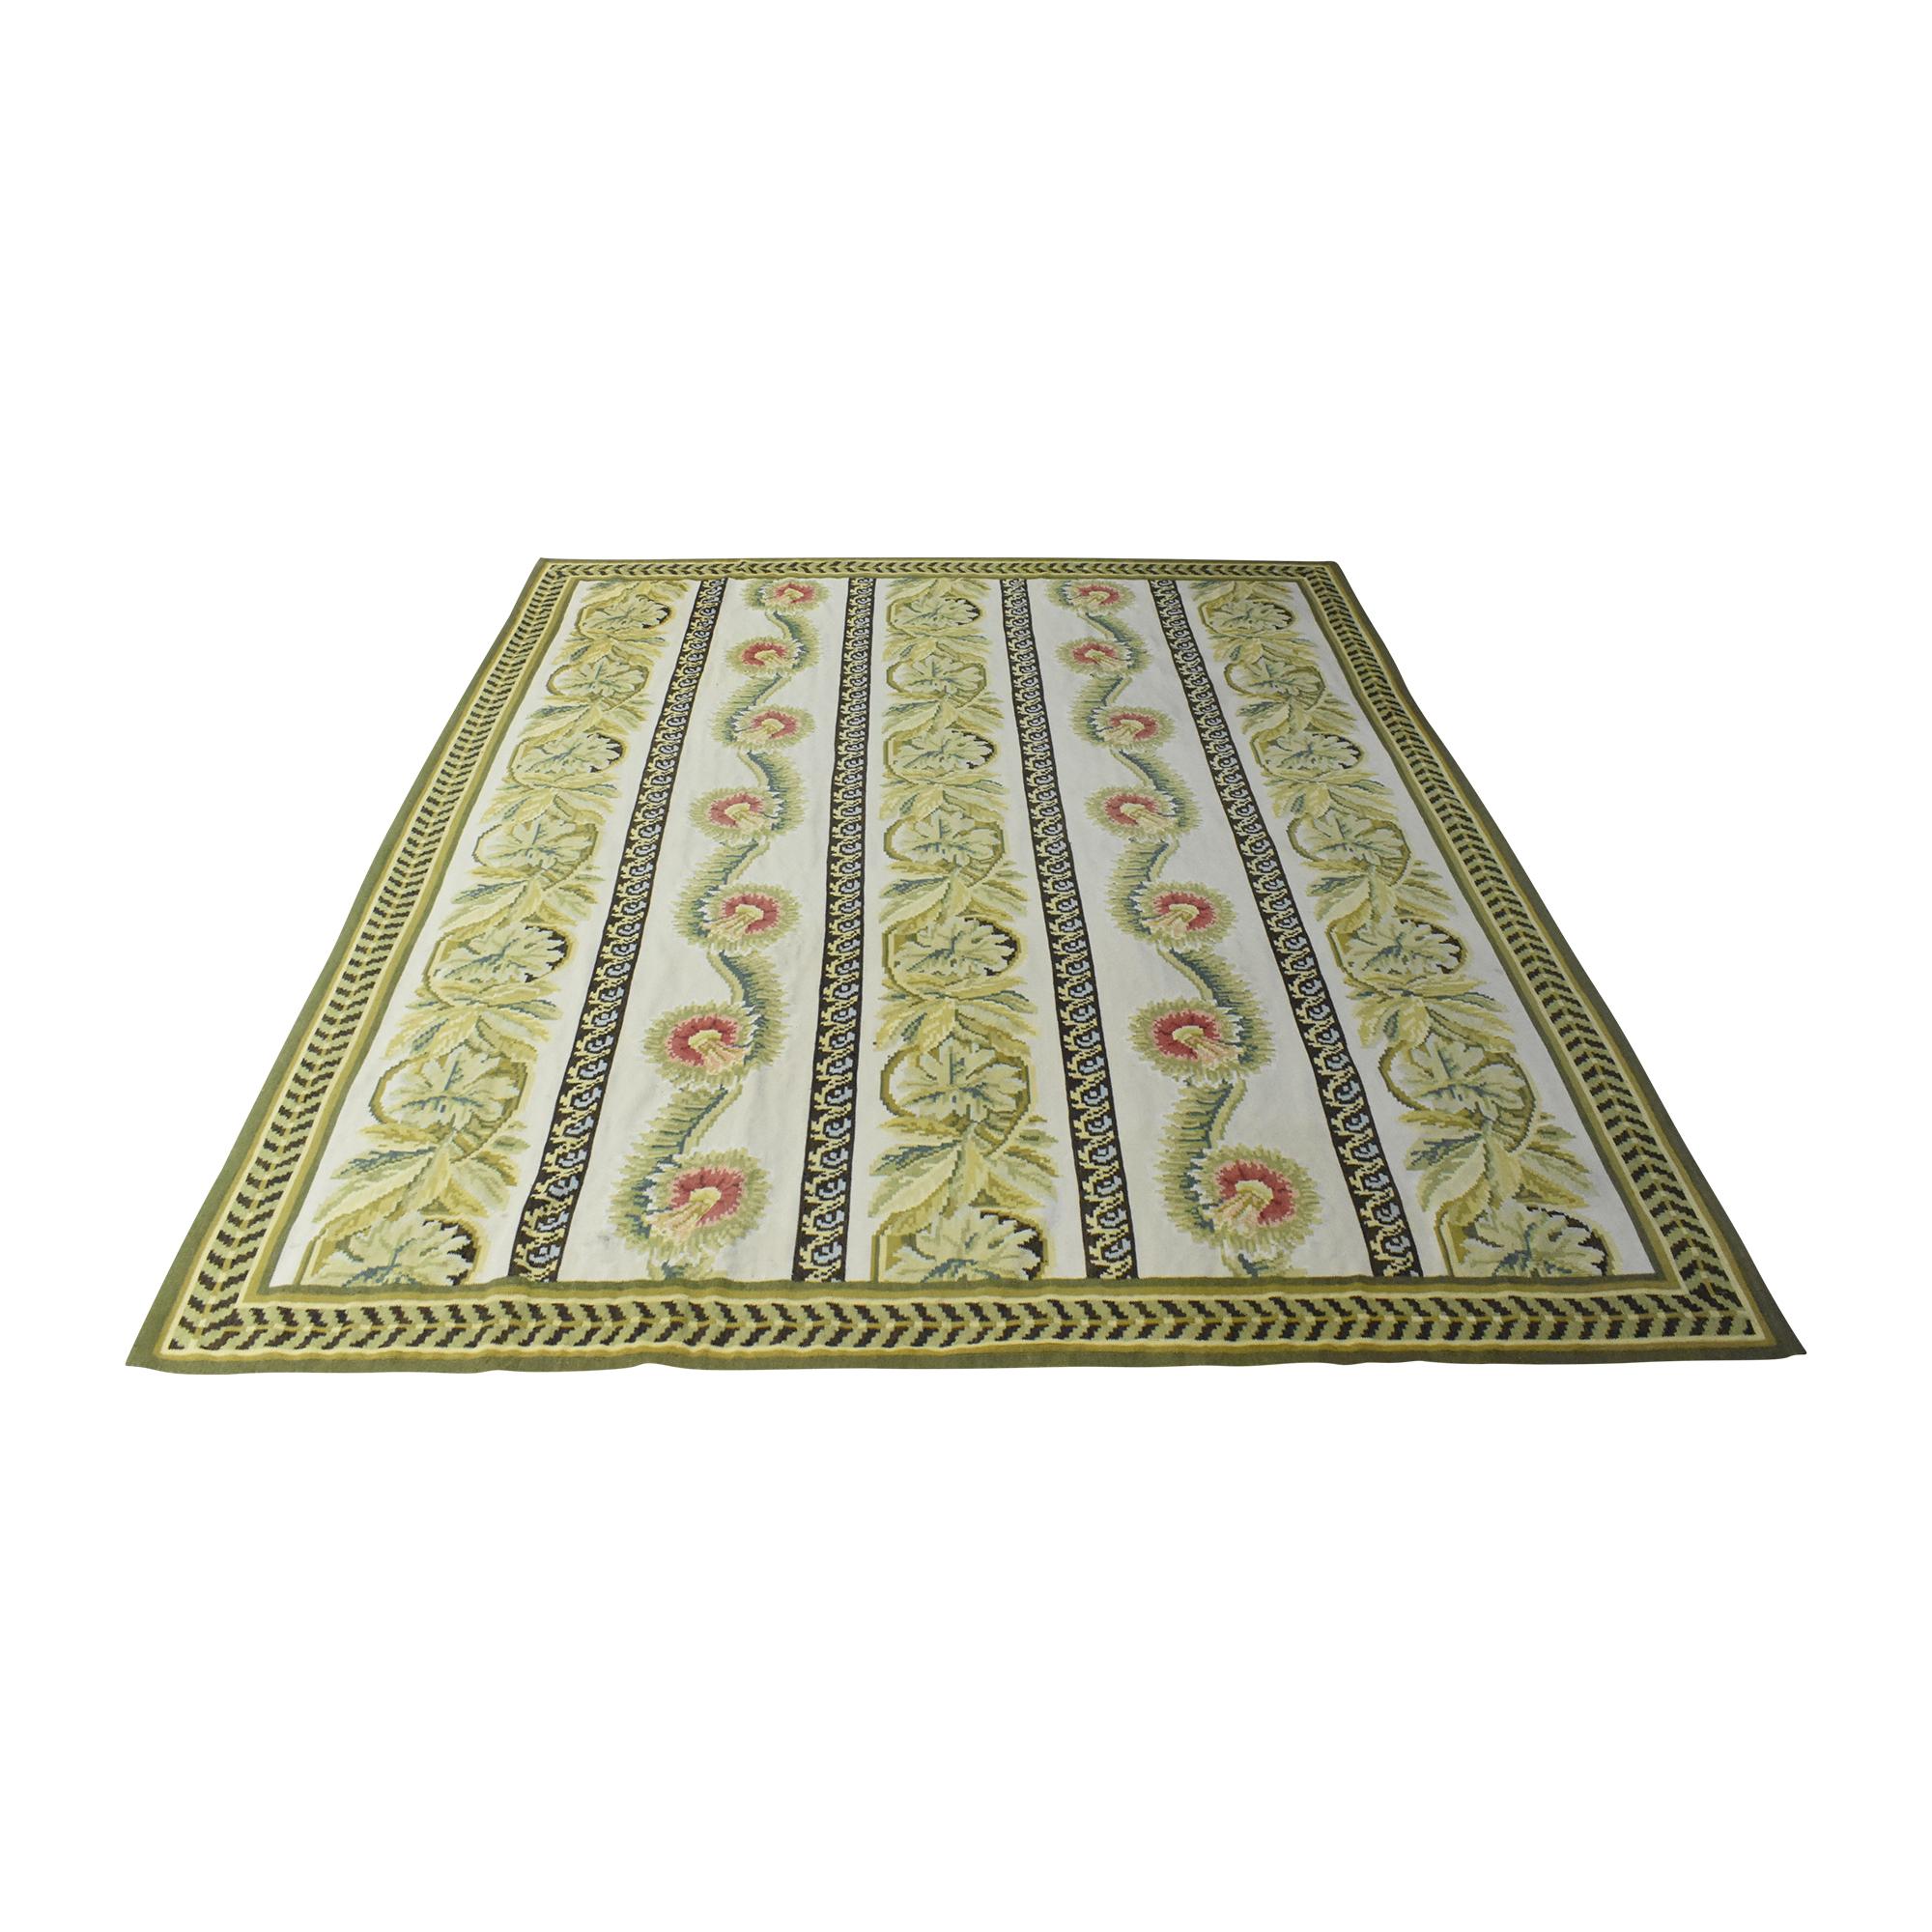 buy Stark Carpet Stark Carpet Patterned Area Rug online